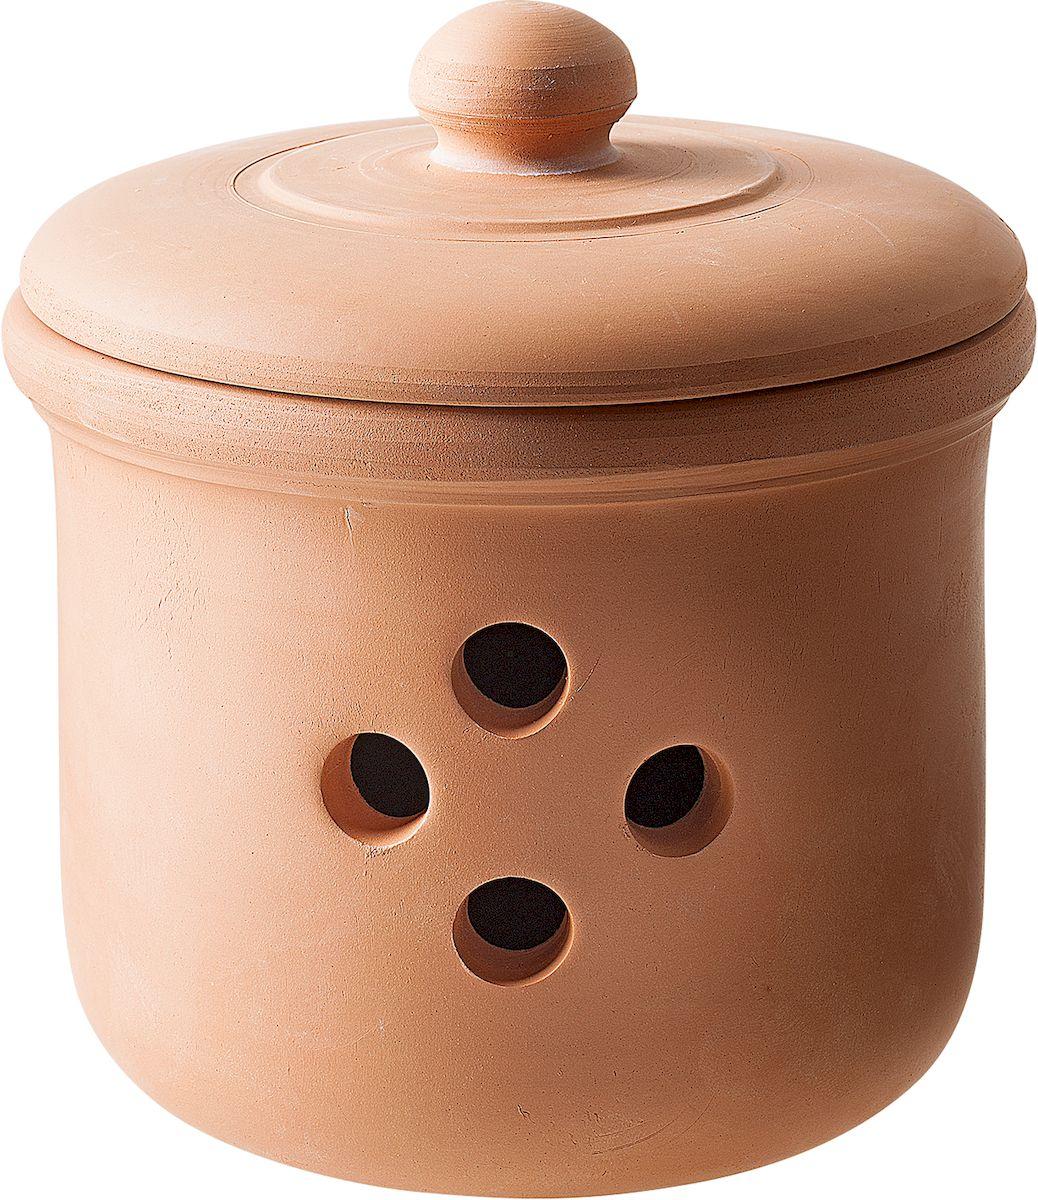 Емкость для лука Moha Cipo, цвет: коричневый, диаметр 14 см83510Емкость для лука Moha Cipo выполнена из керамики. За счет уникальных свойств глины в керамической посуде очень хорошо хранить лук, чеснок и корнеплоды. Отверстия в стенках банки обеспечивают приток воздуха, чтобы овощи как можно дольше оставались свежими. Эстетичный внешний вид позволяет использовать в качестве декора кухни и поставить на видное место.